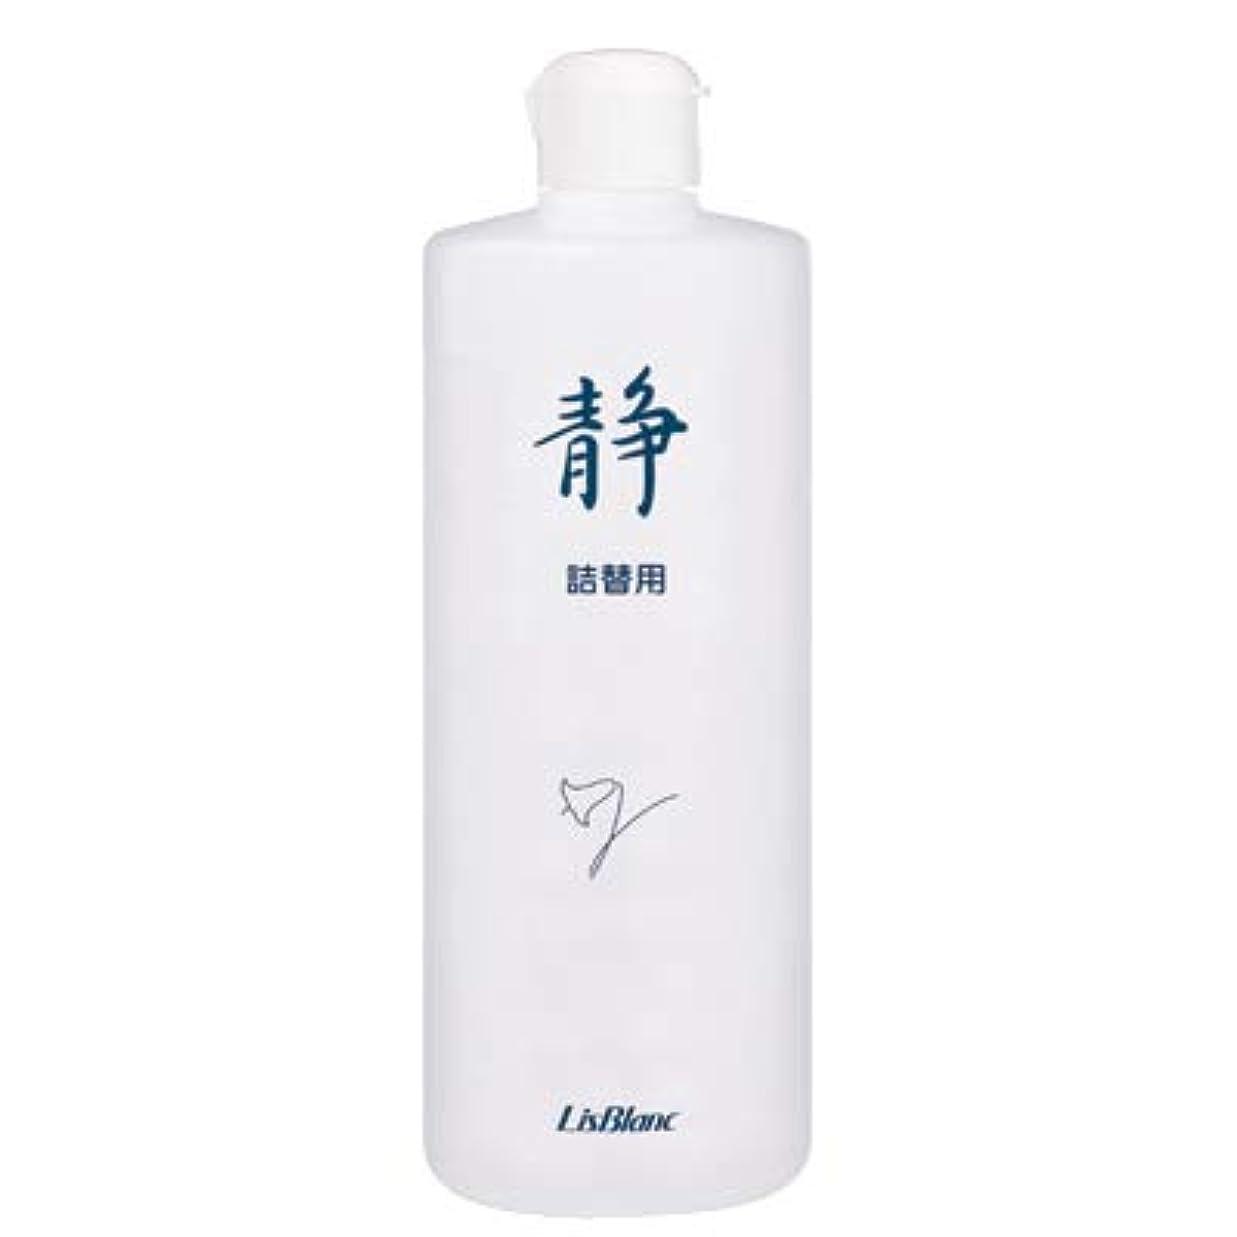 動ポインタ内訳リスブラン しずかスプレー 徳用 500mL フェイス&ボディ用化粧水